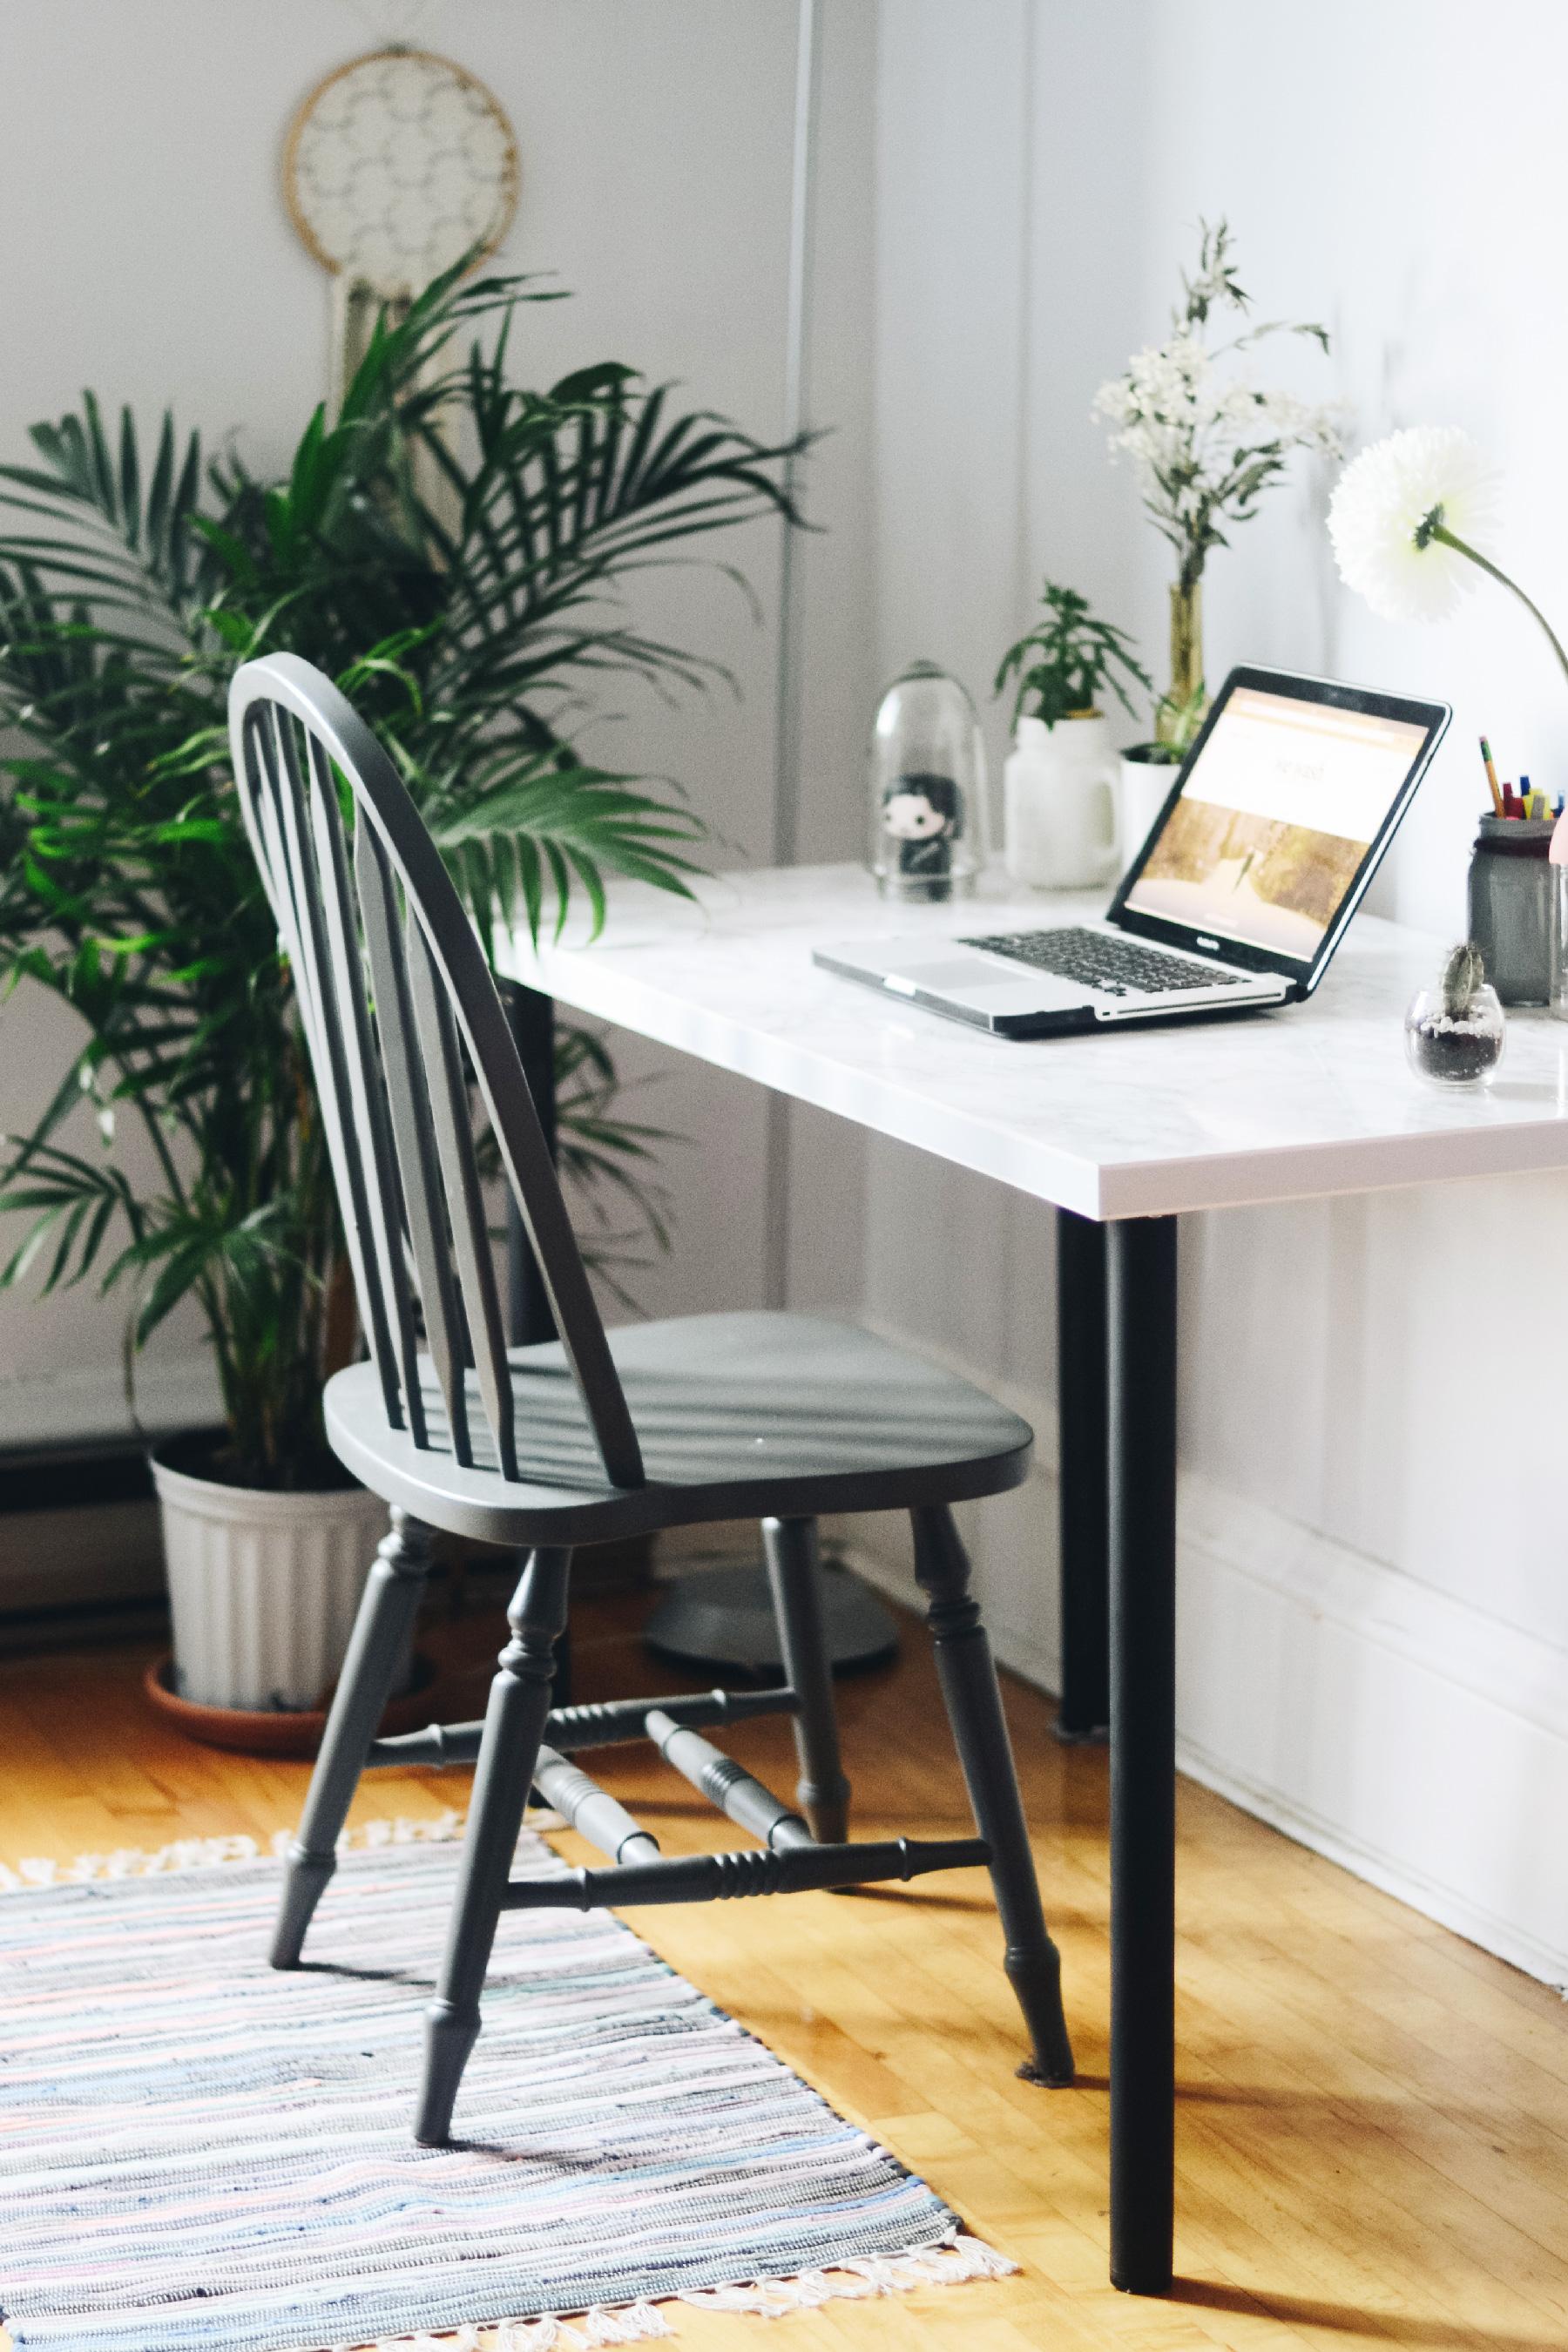 un coin bureau custom rapide et conomique we wash trash blog d co voyages authentiques. Black Bedroom Furniture Sets. Home Design Ideas